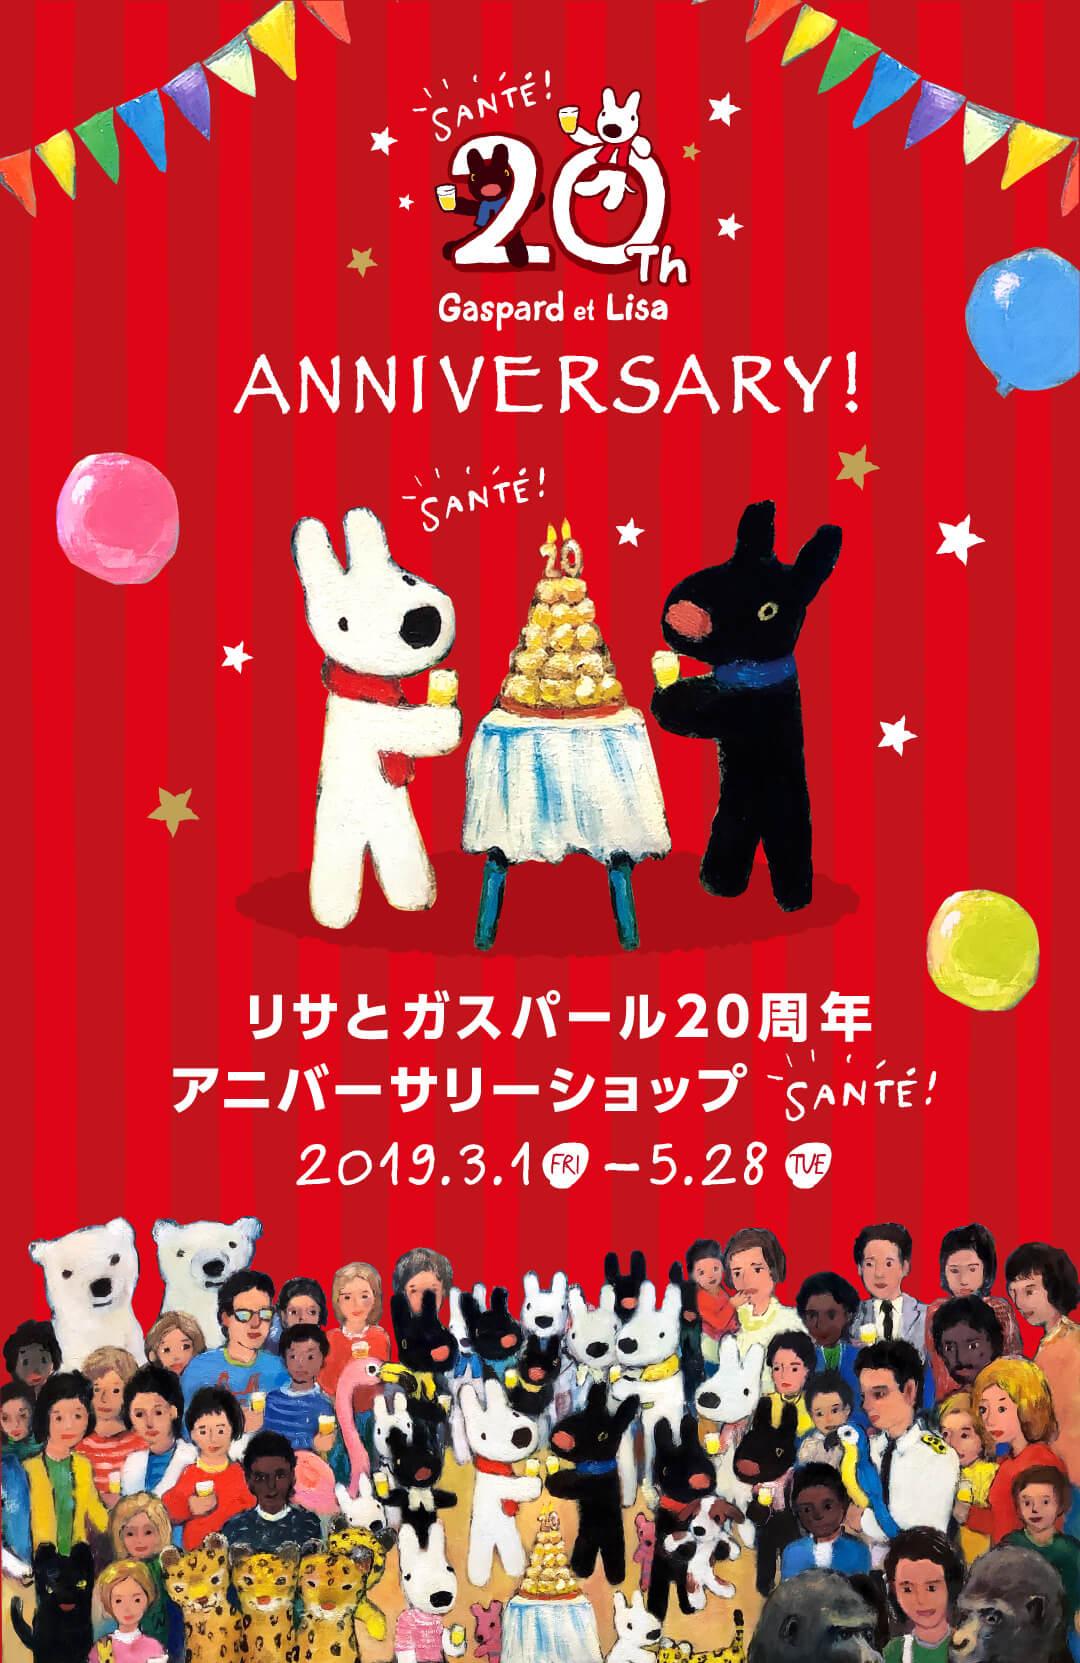 リサとガスパール誕生20周年 東京駅一番街にポップアップショップ登場